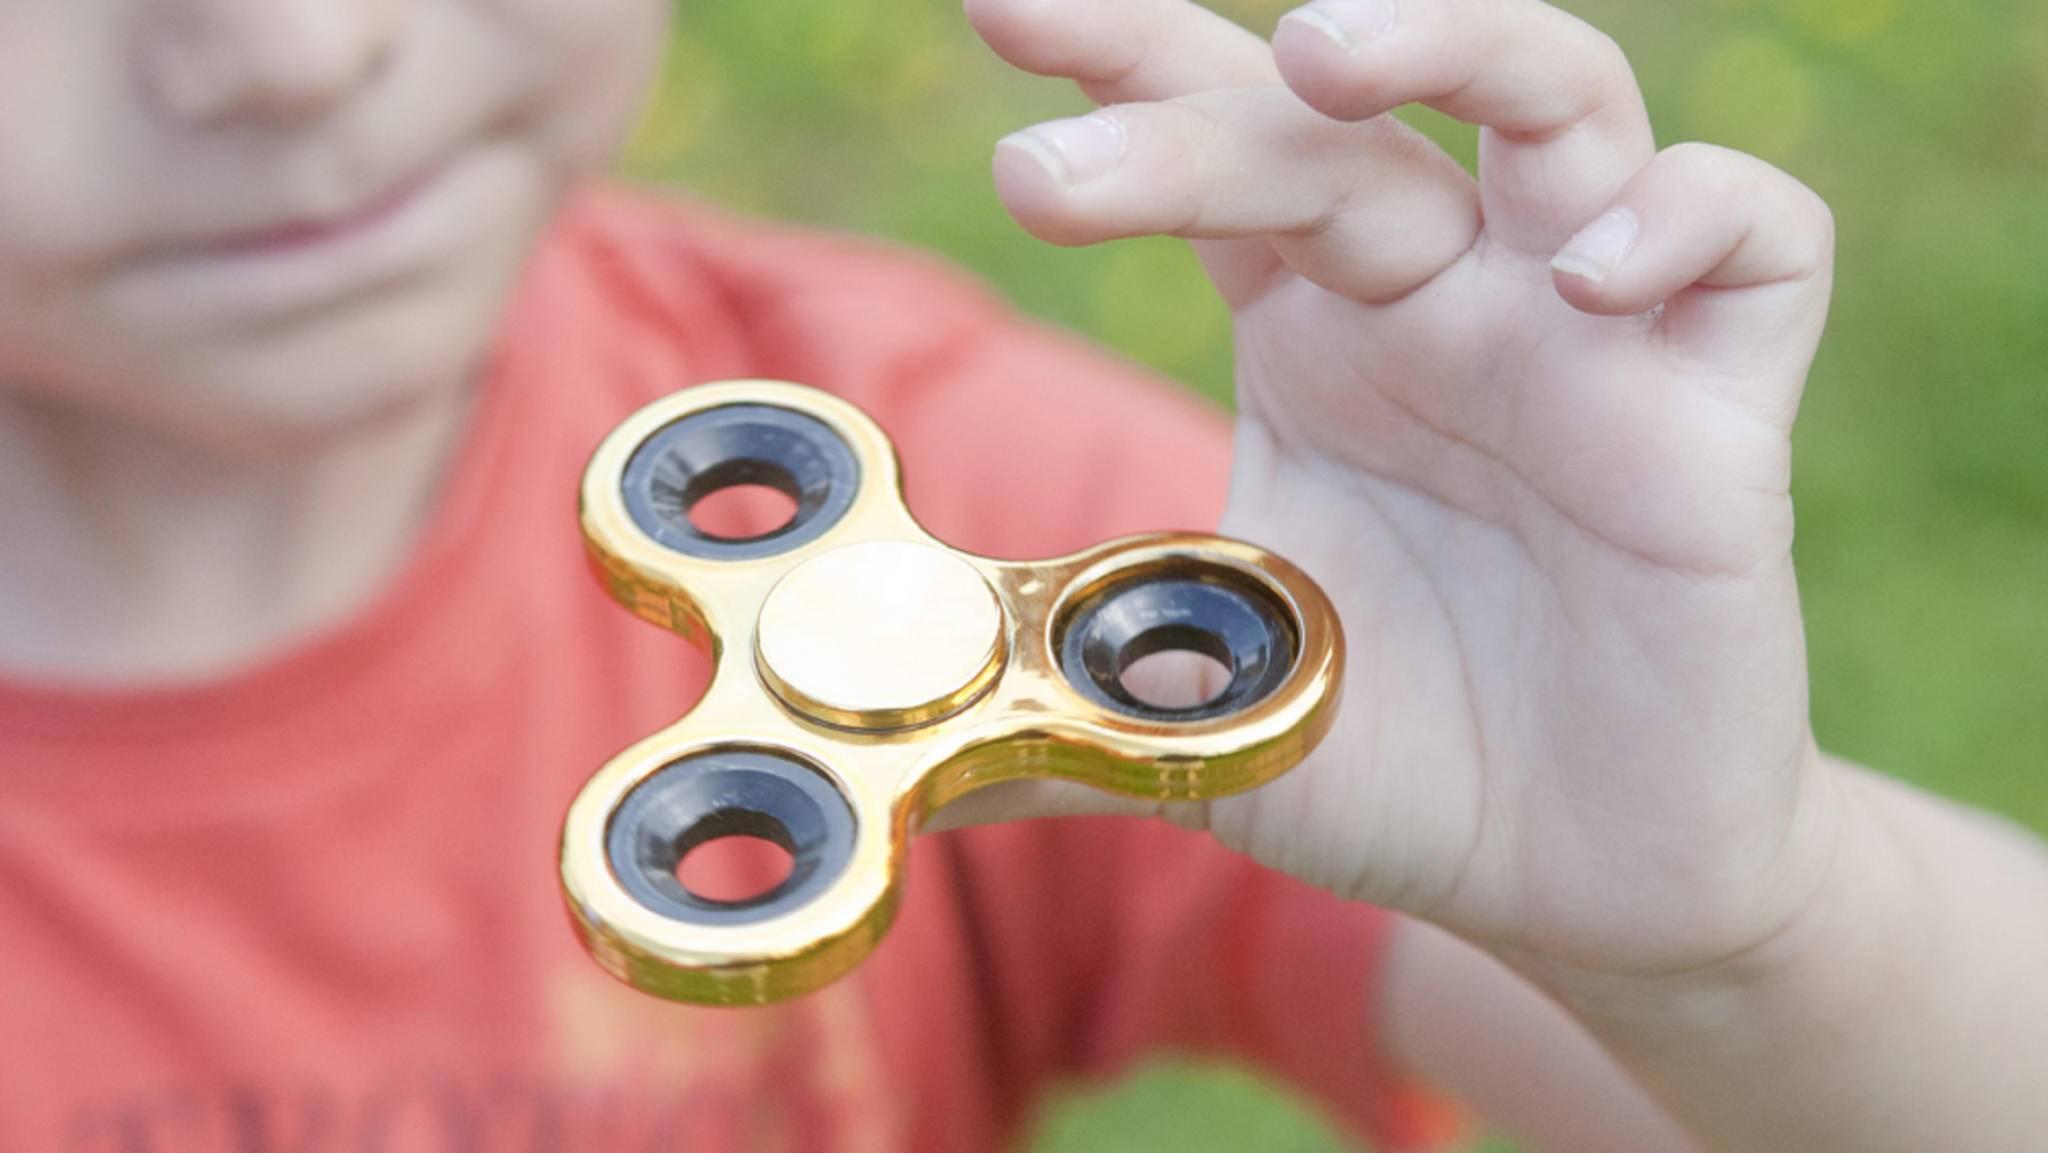 Von wegen Kinderspielzeug: Fidget-Spinner erobern längst auch den erwachsenen Markt.